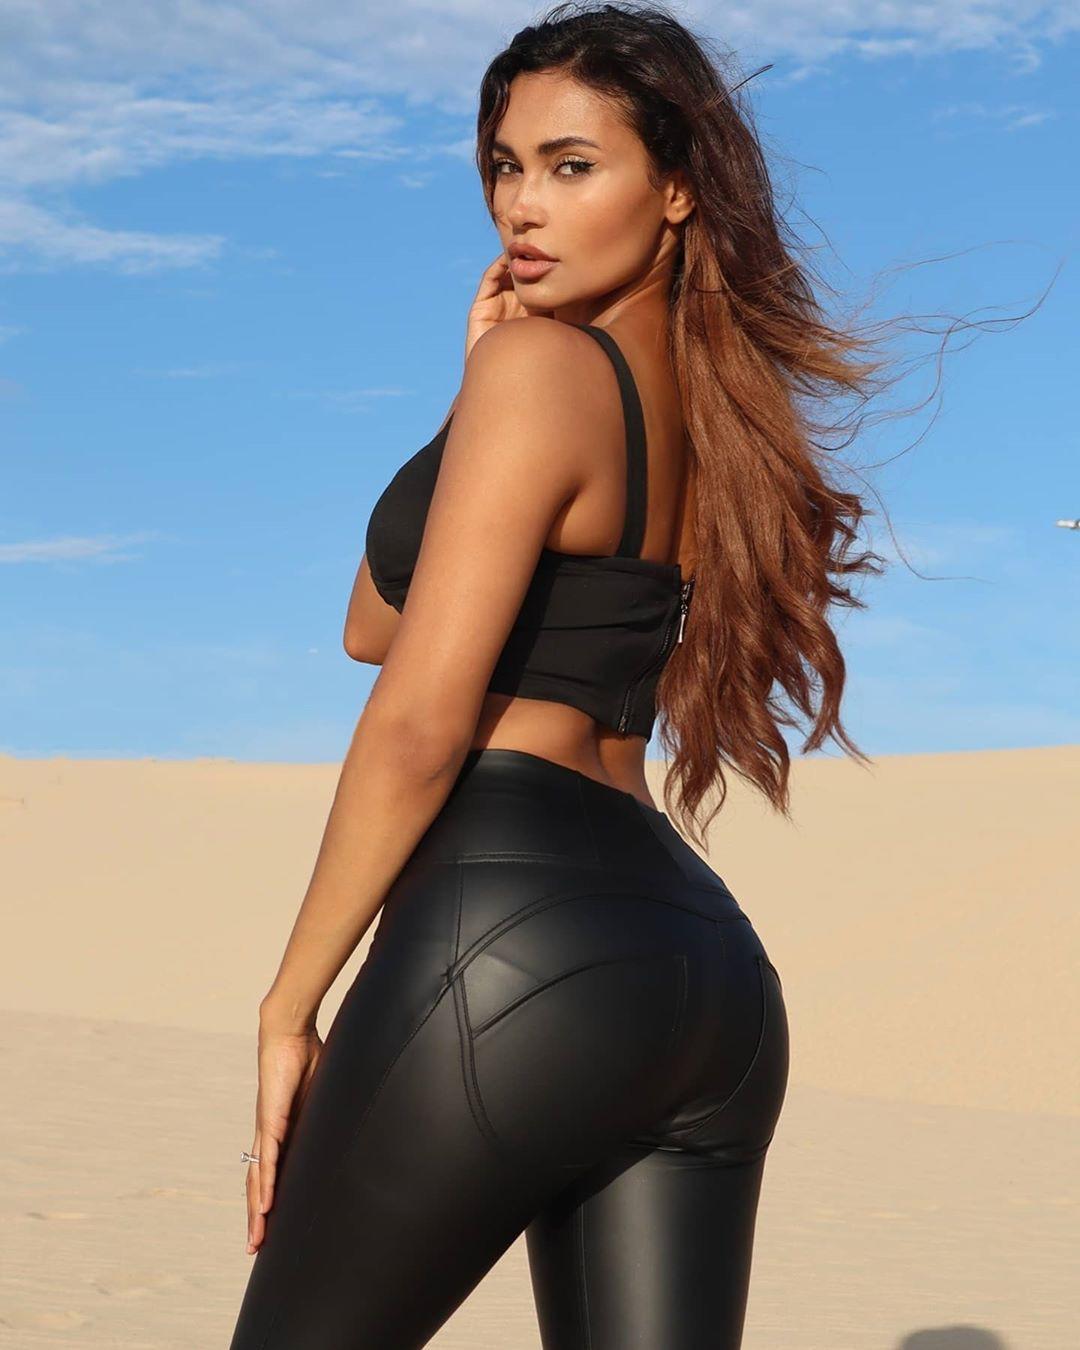 Marona Tanner active pants, sportswear, leggings dress for girls